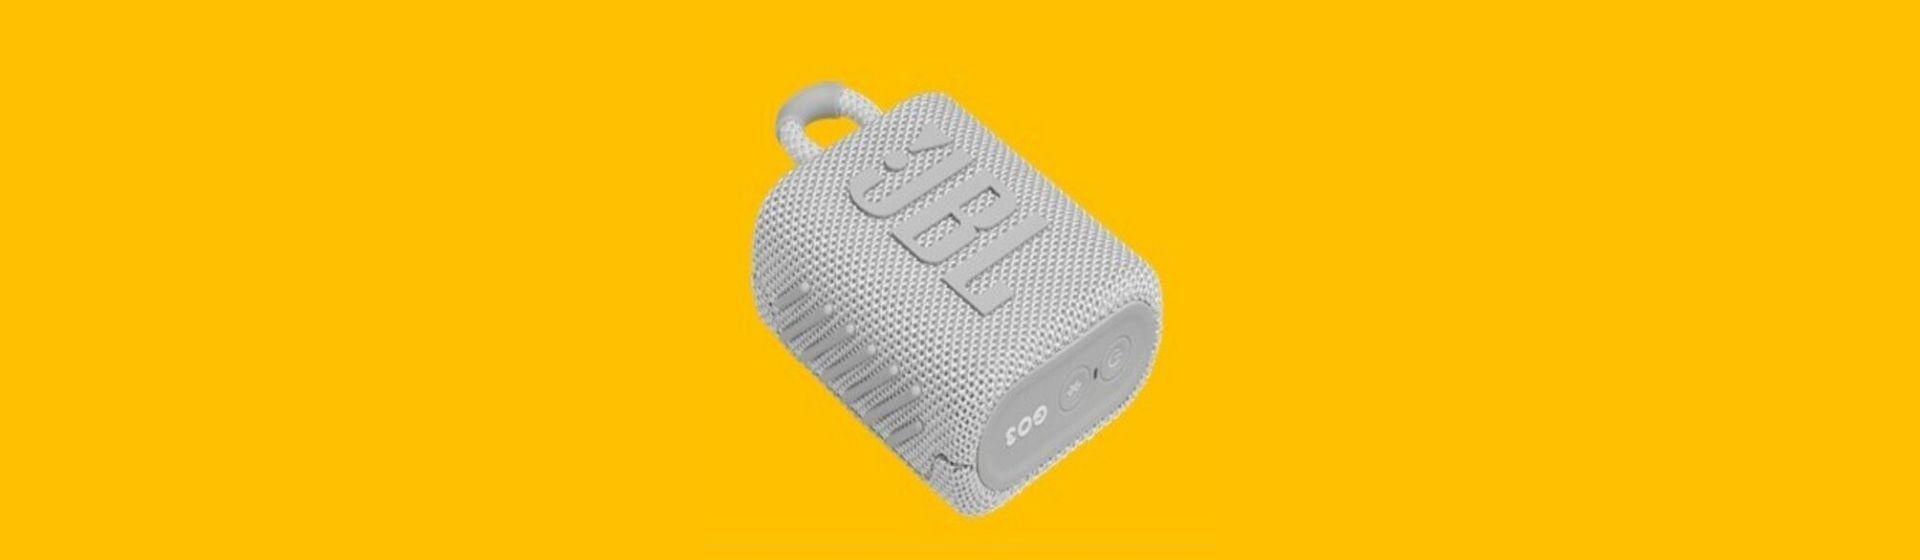 JBL Go 3 é boa? Conheça a caixa de som Bluetooth ultraportátil da JBL